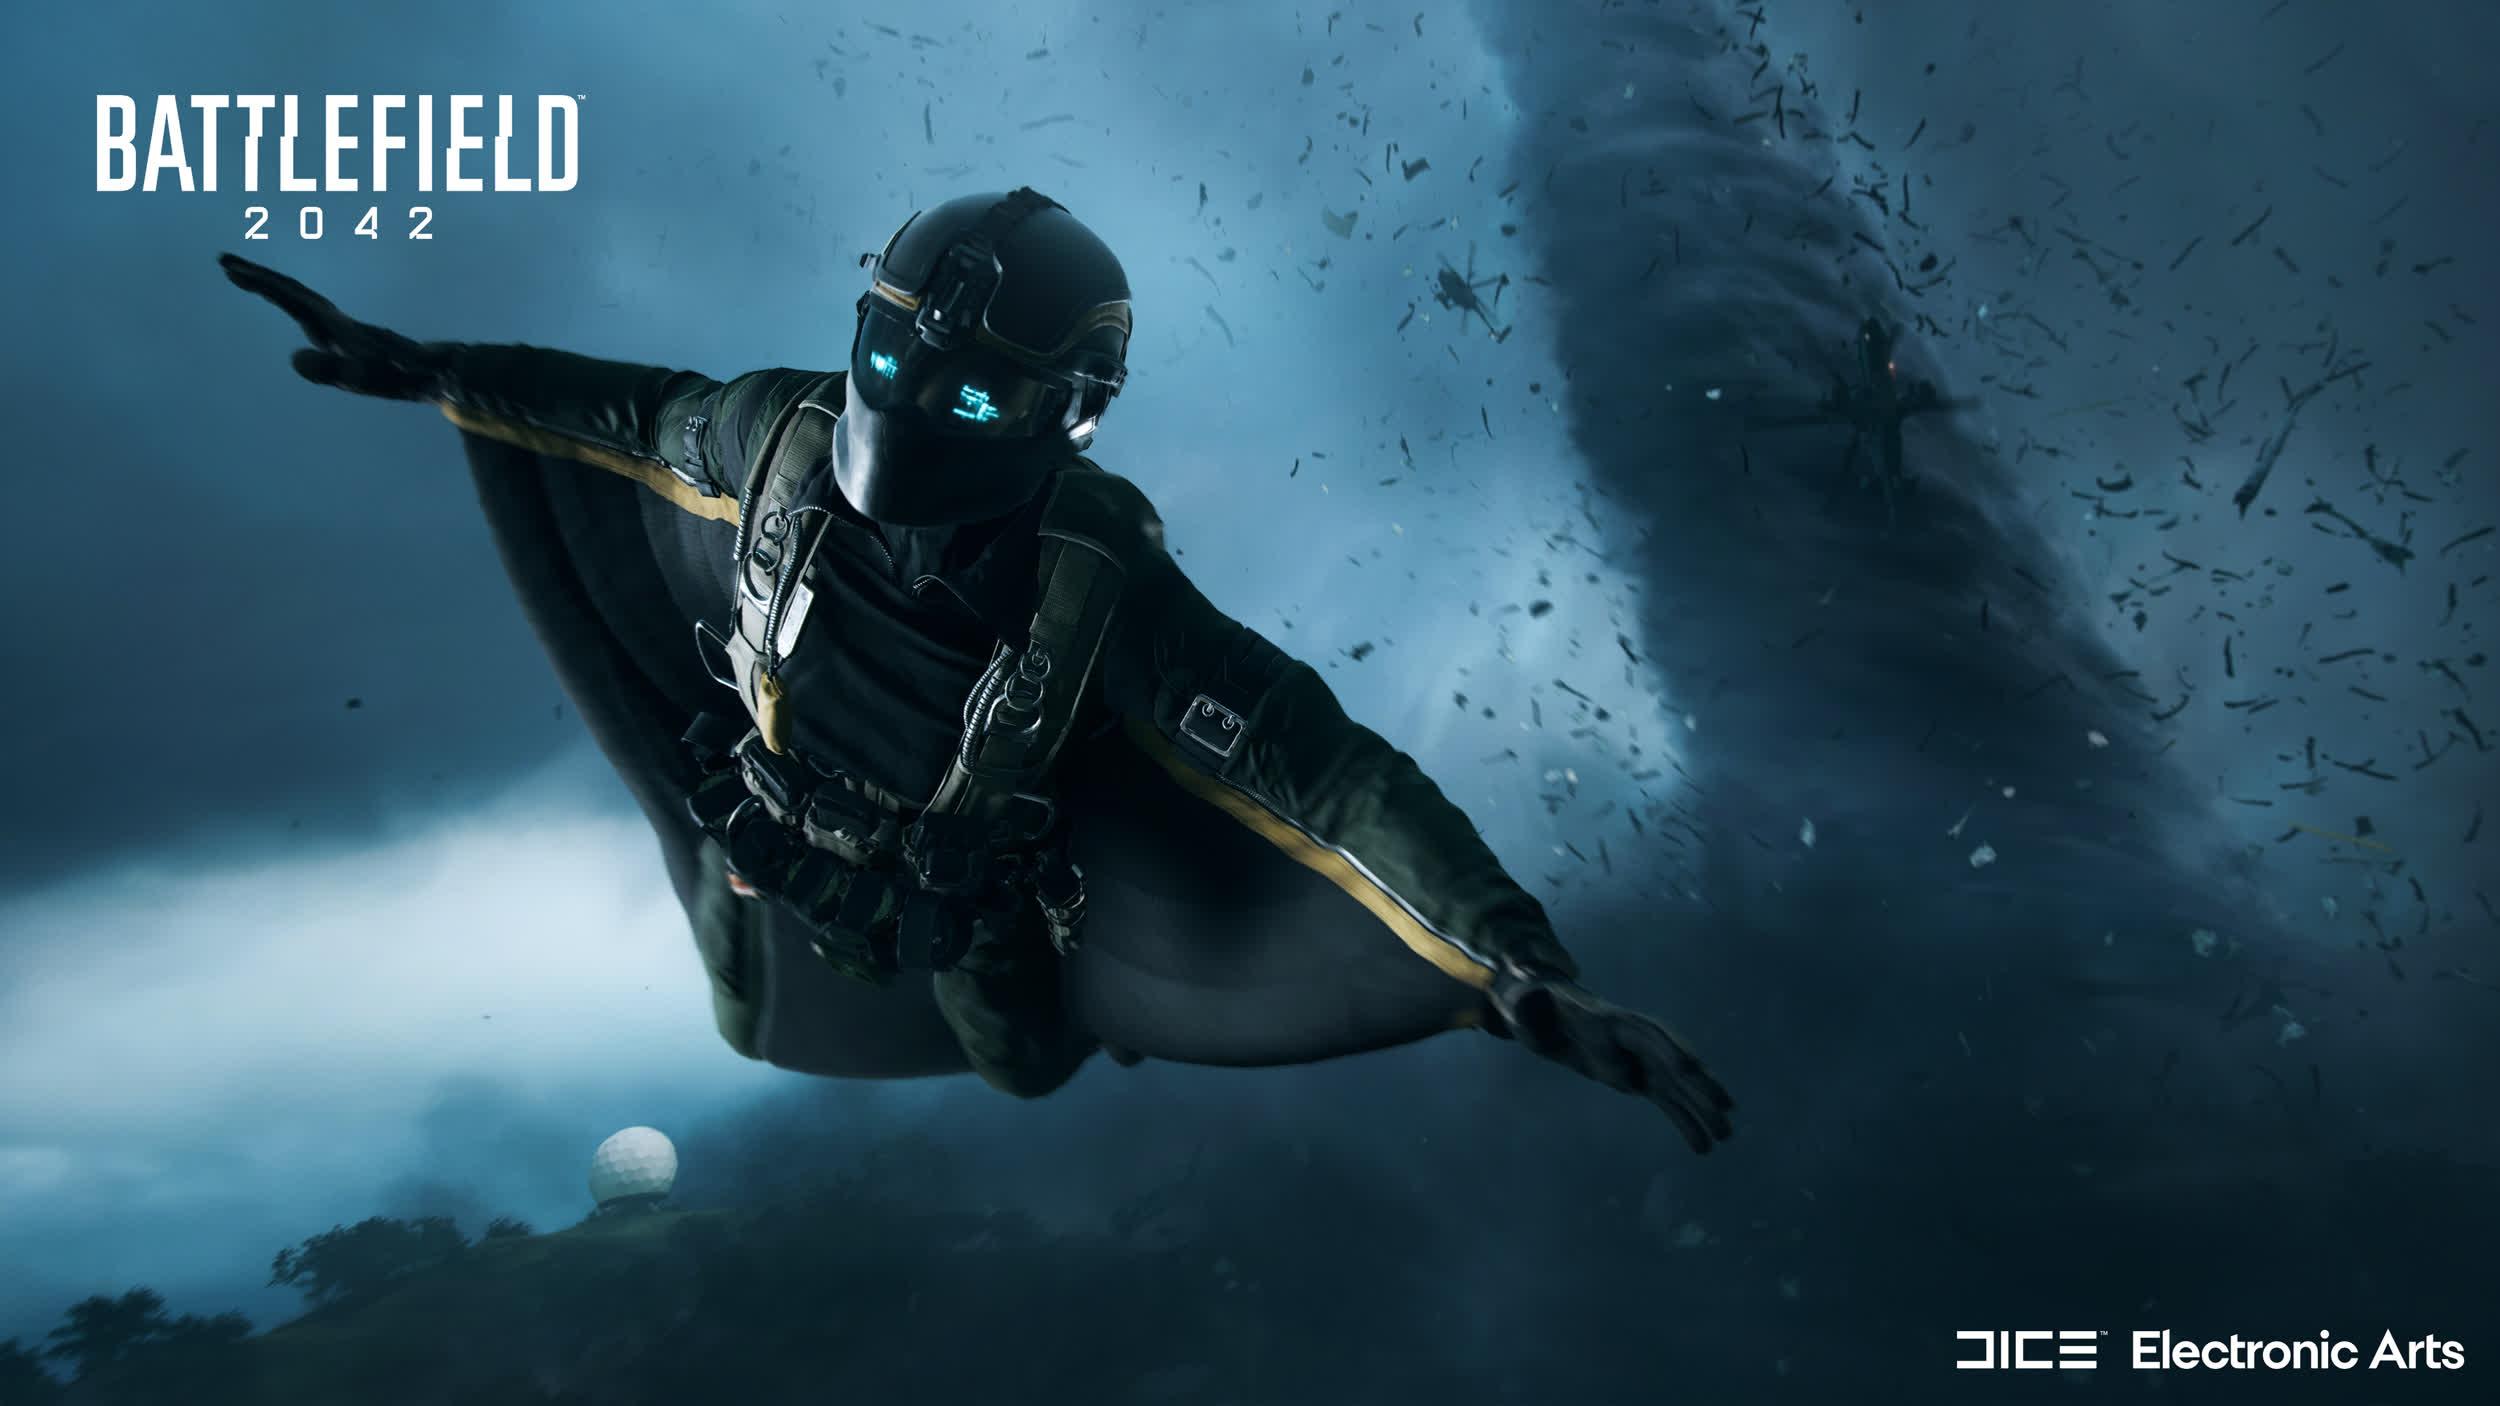 1623255847 888 Battlefield 2042 un jeu de tir multijoueur futuriste avec